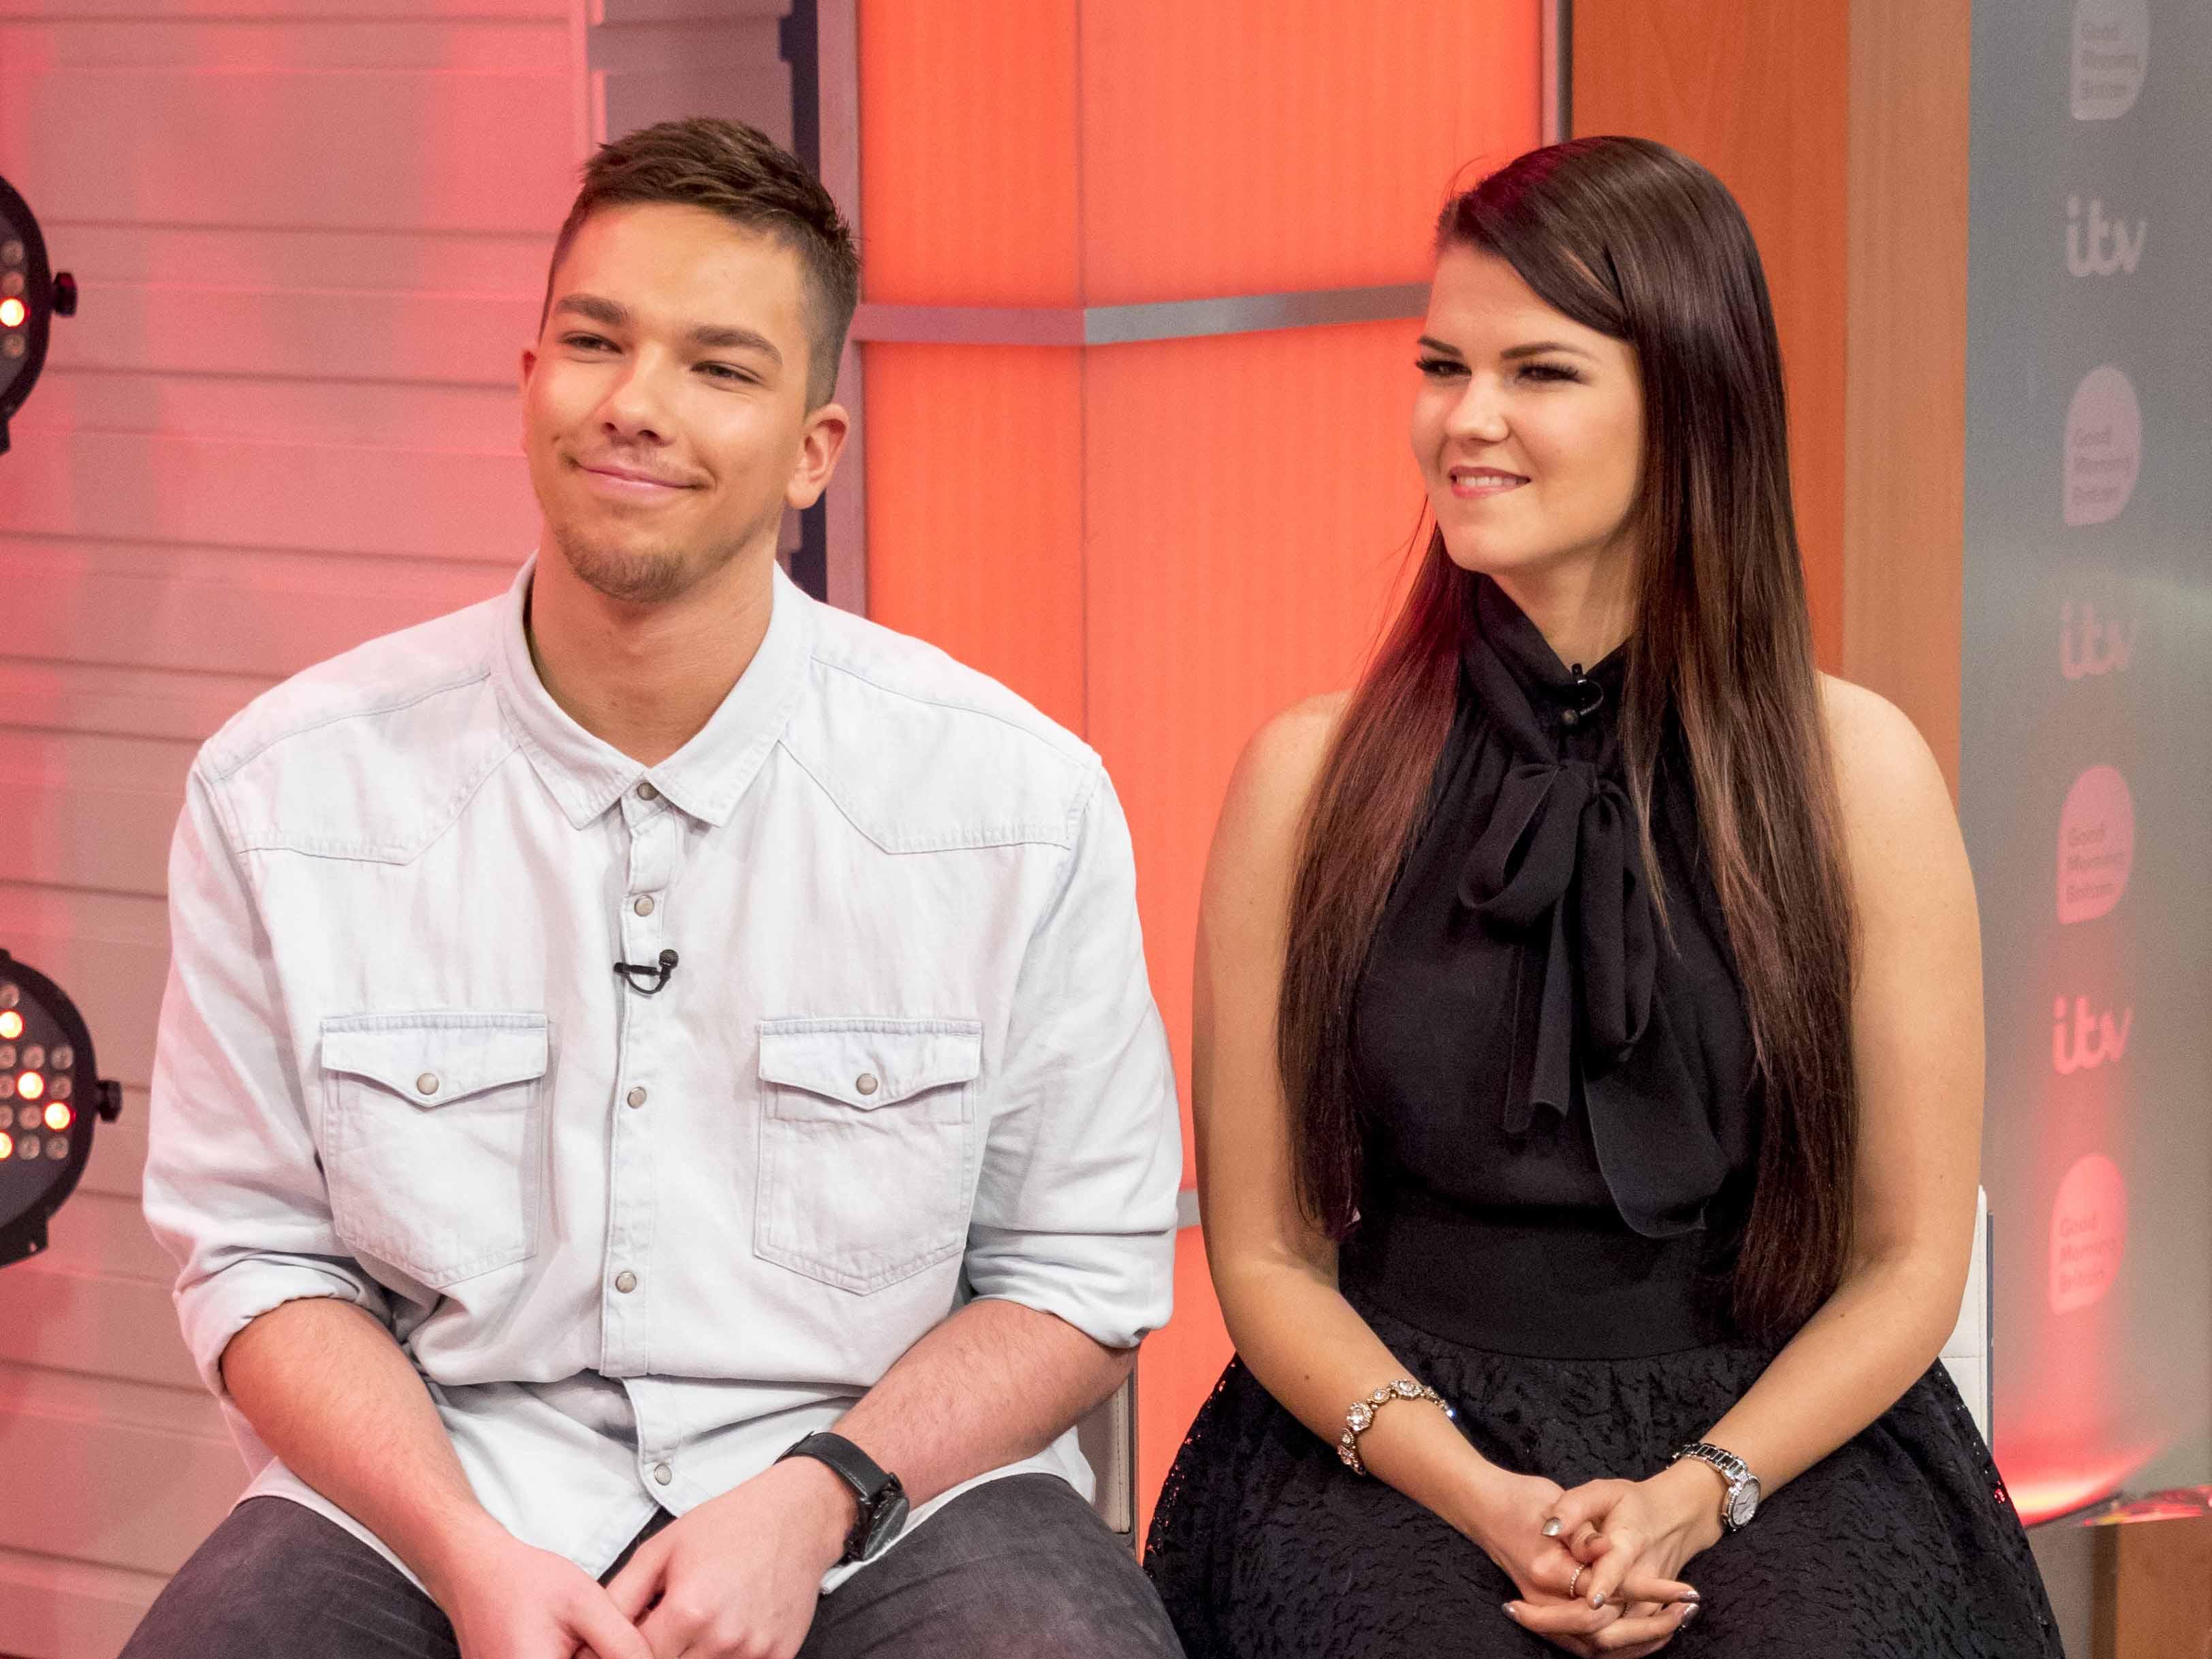 X Factor's Matt Terry to support Saara Aalto at her own concert